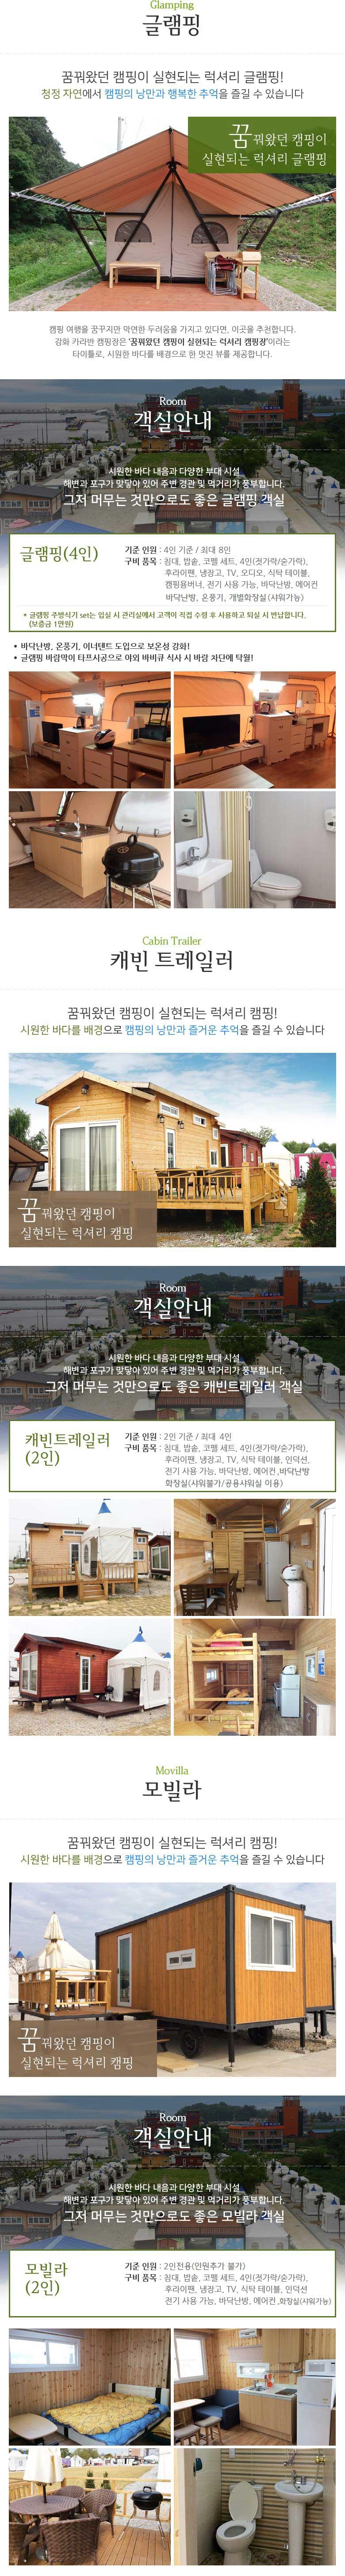 강화_특별한캠핑(글램핑,캐빈,모빌라).jpg